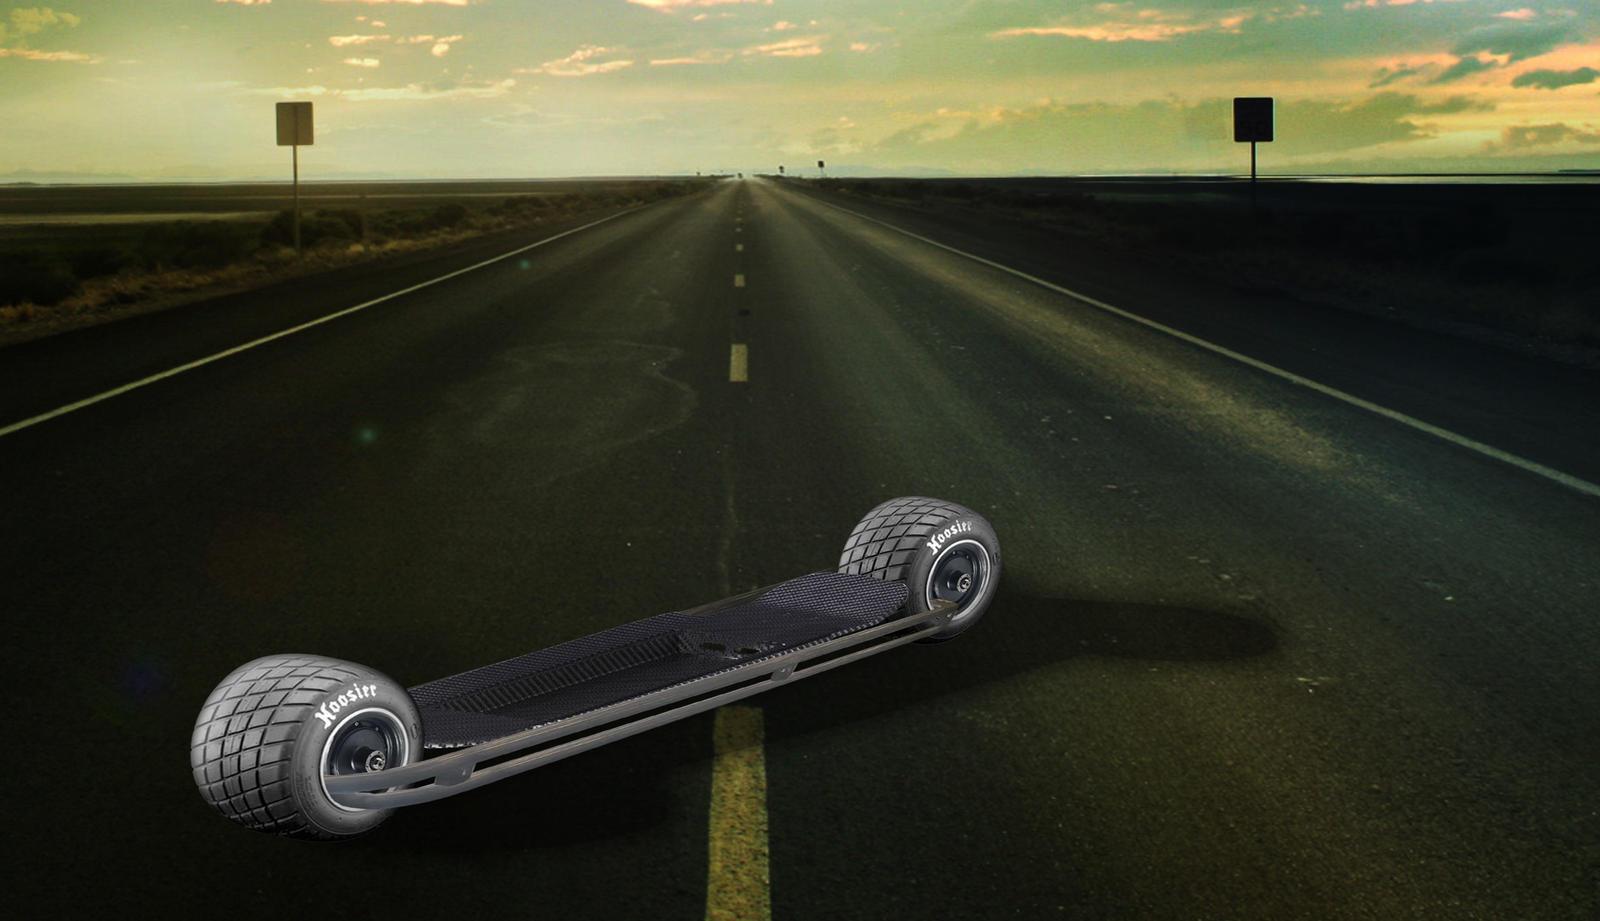 Is it possible: 2 Wheel skateboard w/image - Endless Sphere